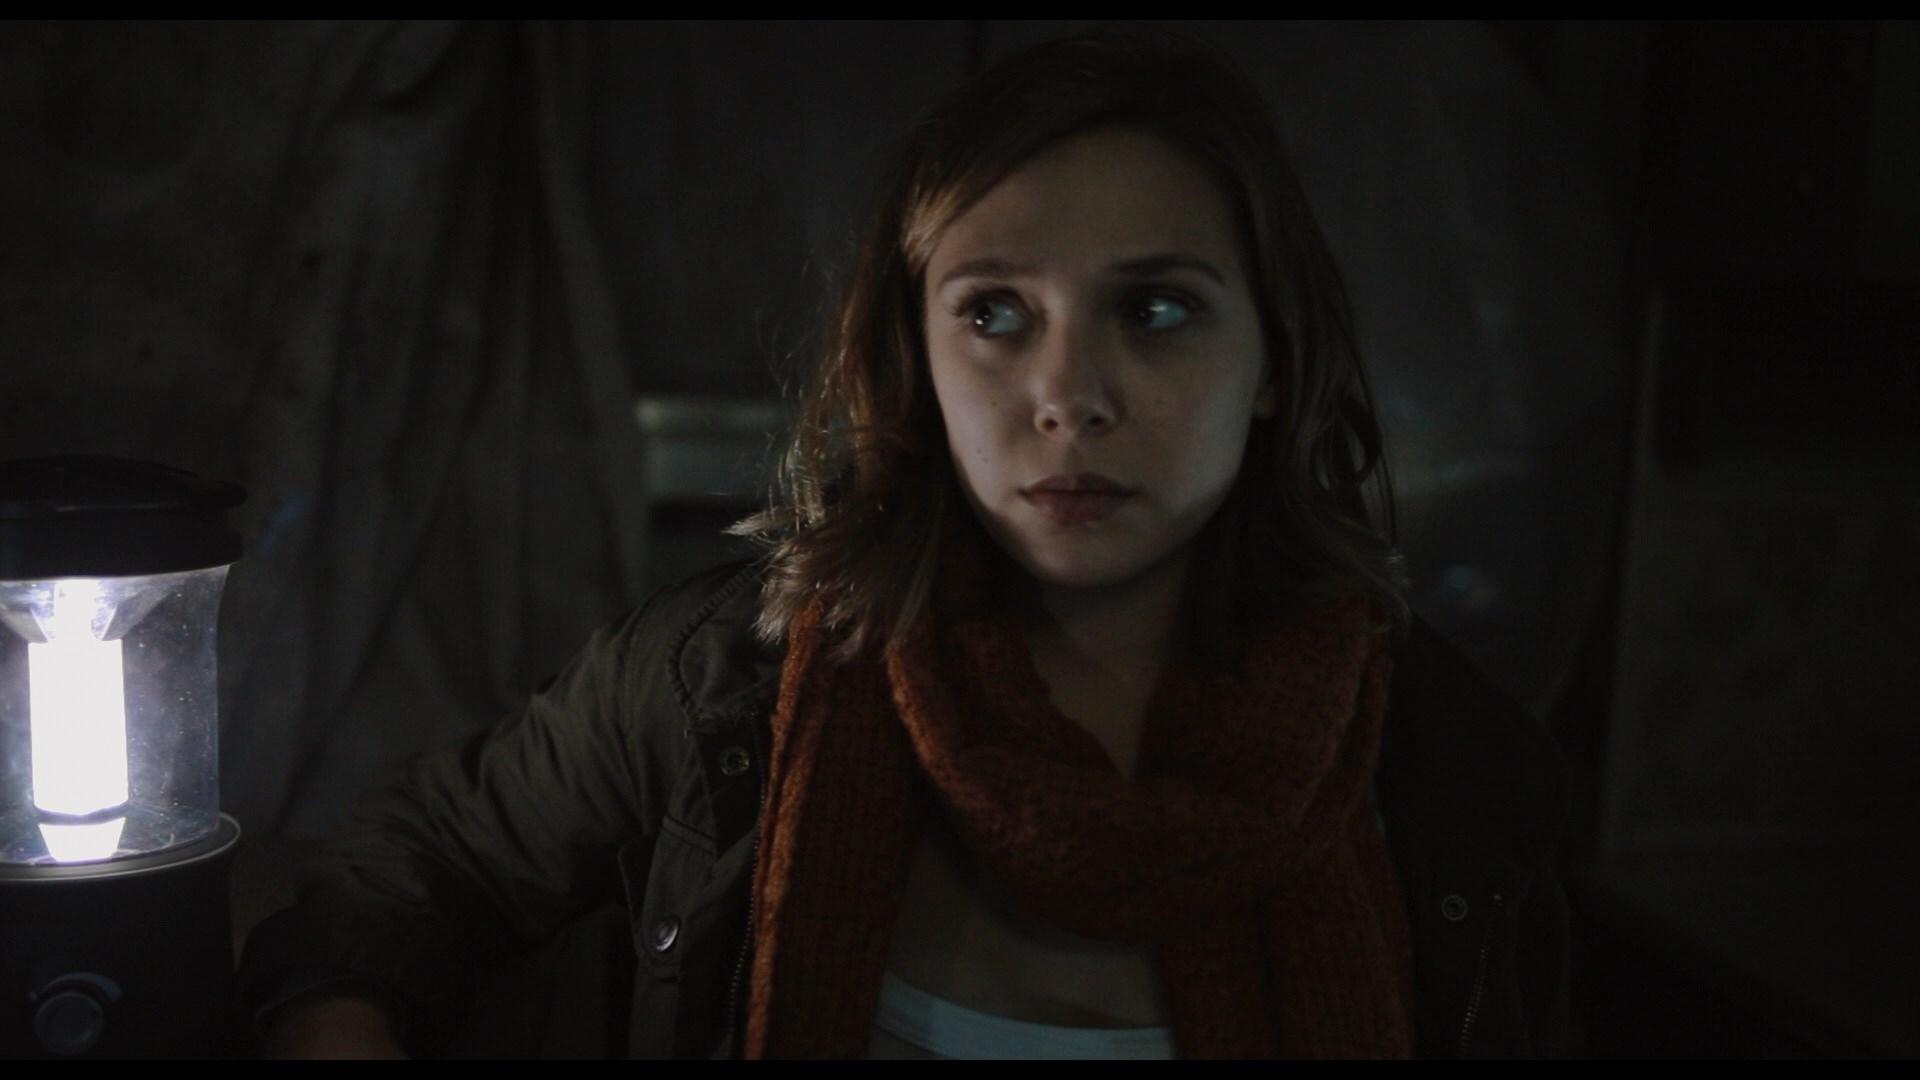 La casa del miedo (2011) 1080p Remux Latino